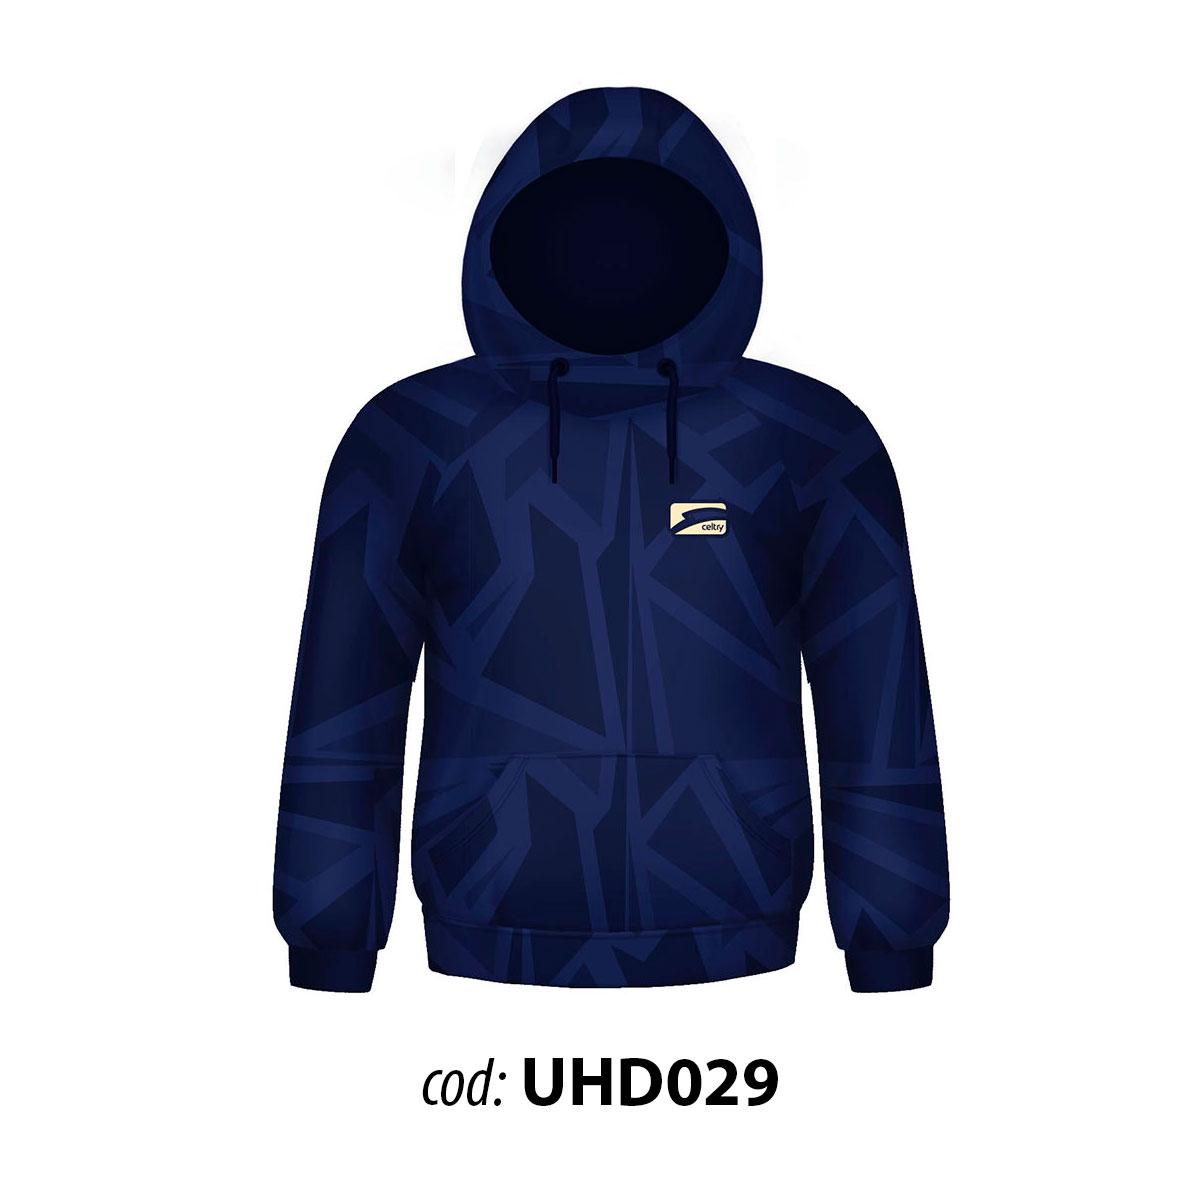 POLERON CANGURO UNISEX UDH029